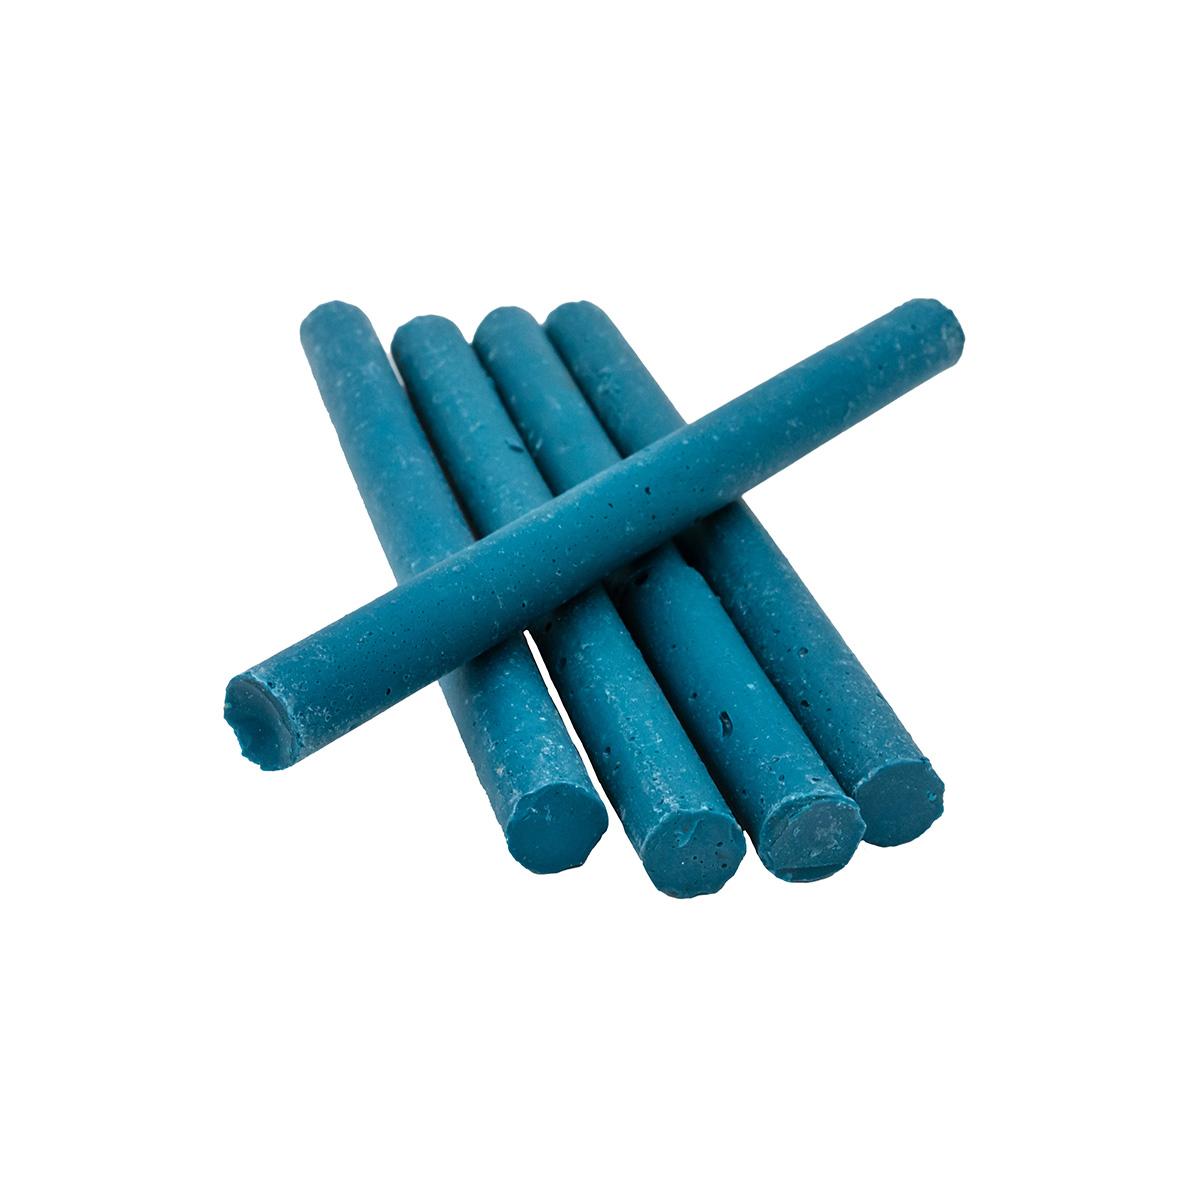 Сургуч в стержнях синий для клеевого пистолета, 5шт/упак Астра